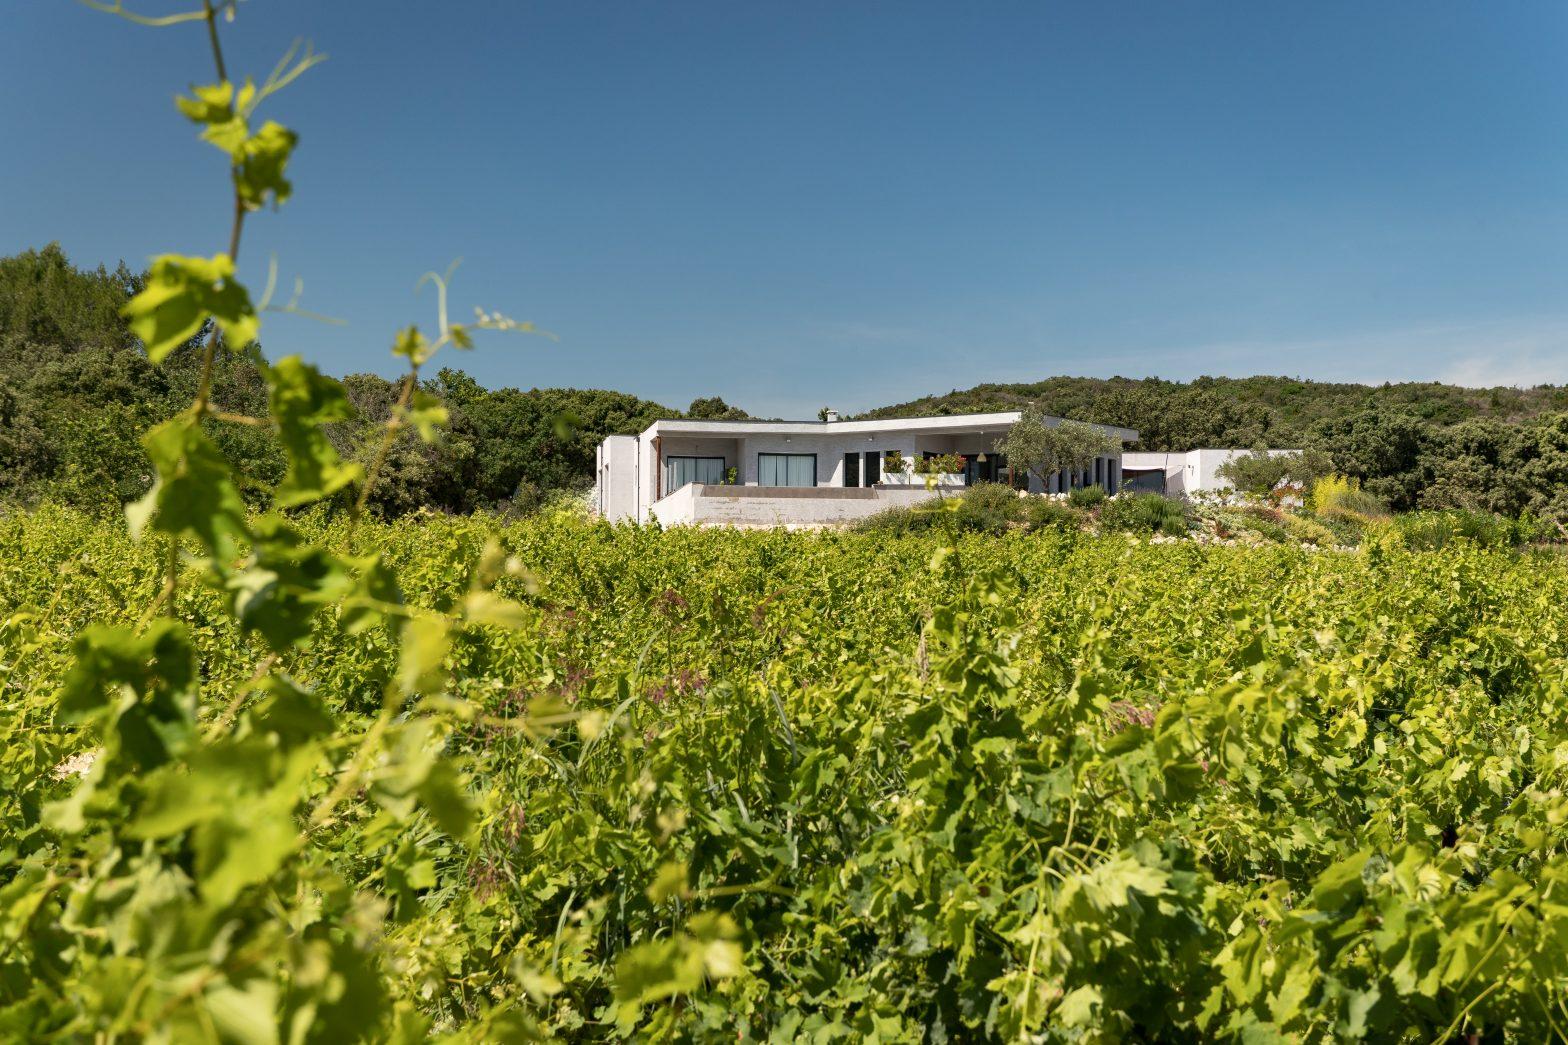 Propriété viticole à vendre de 10 HA - Vallée du Rhone - 1952CDR - fr